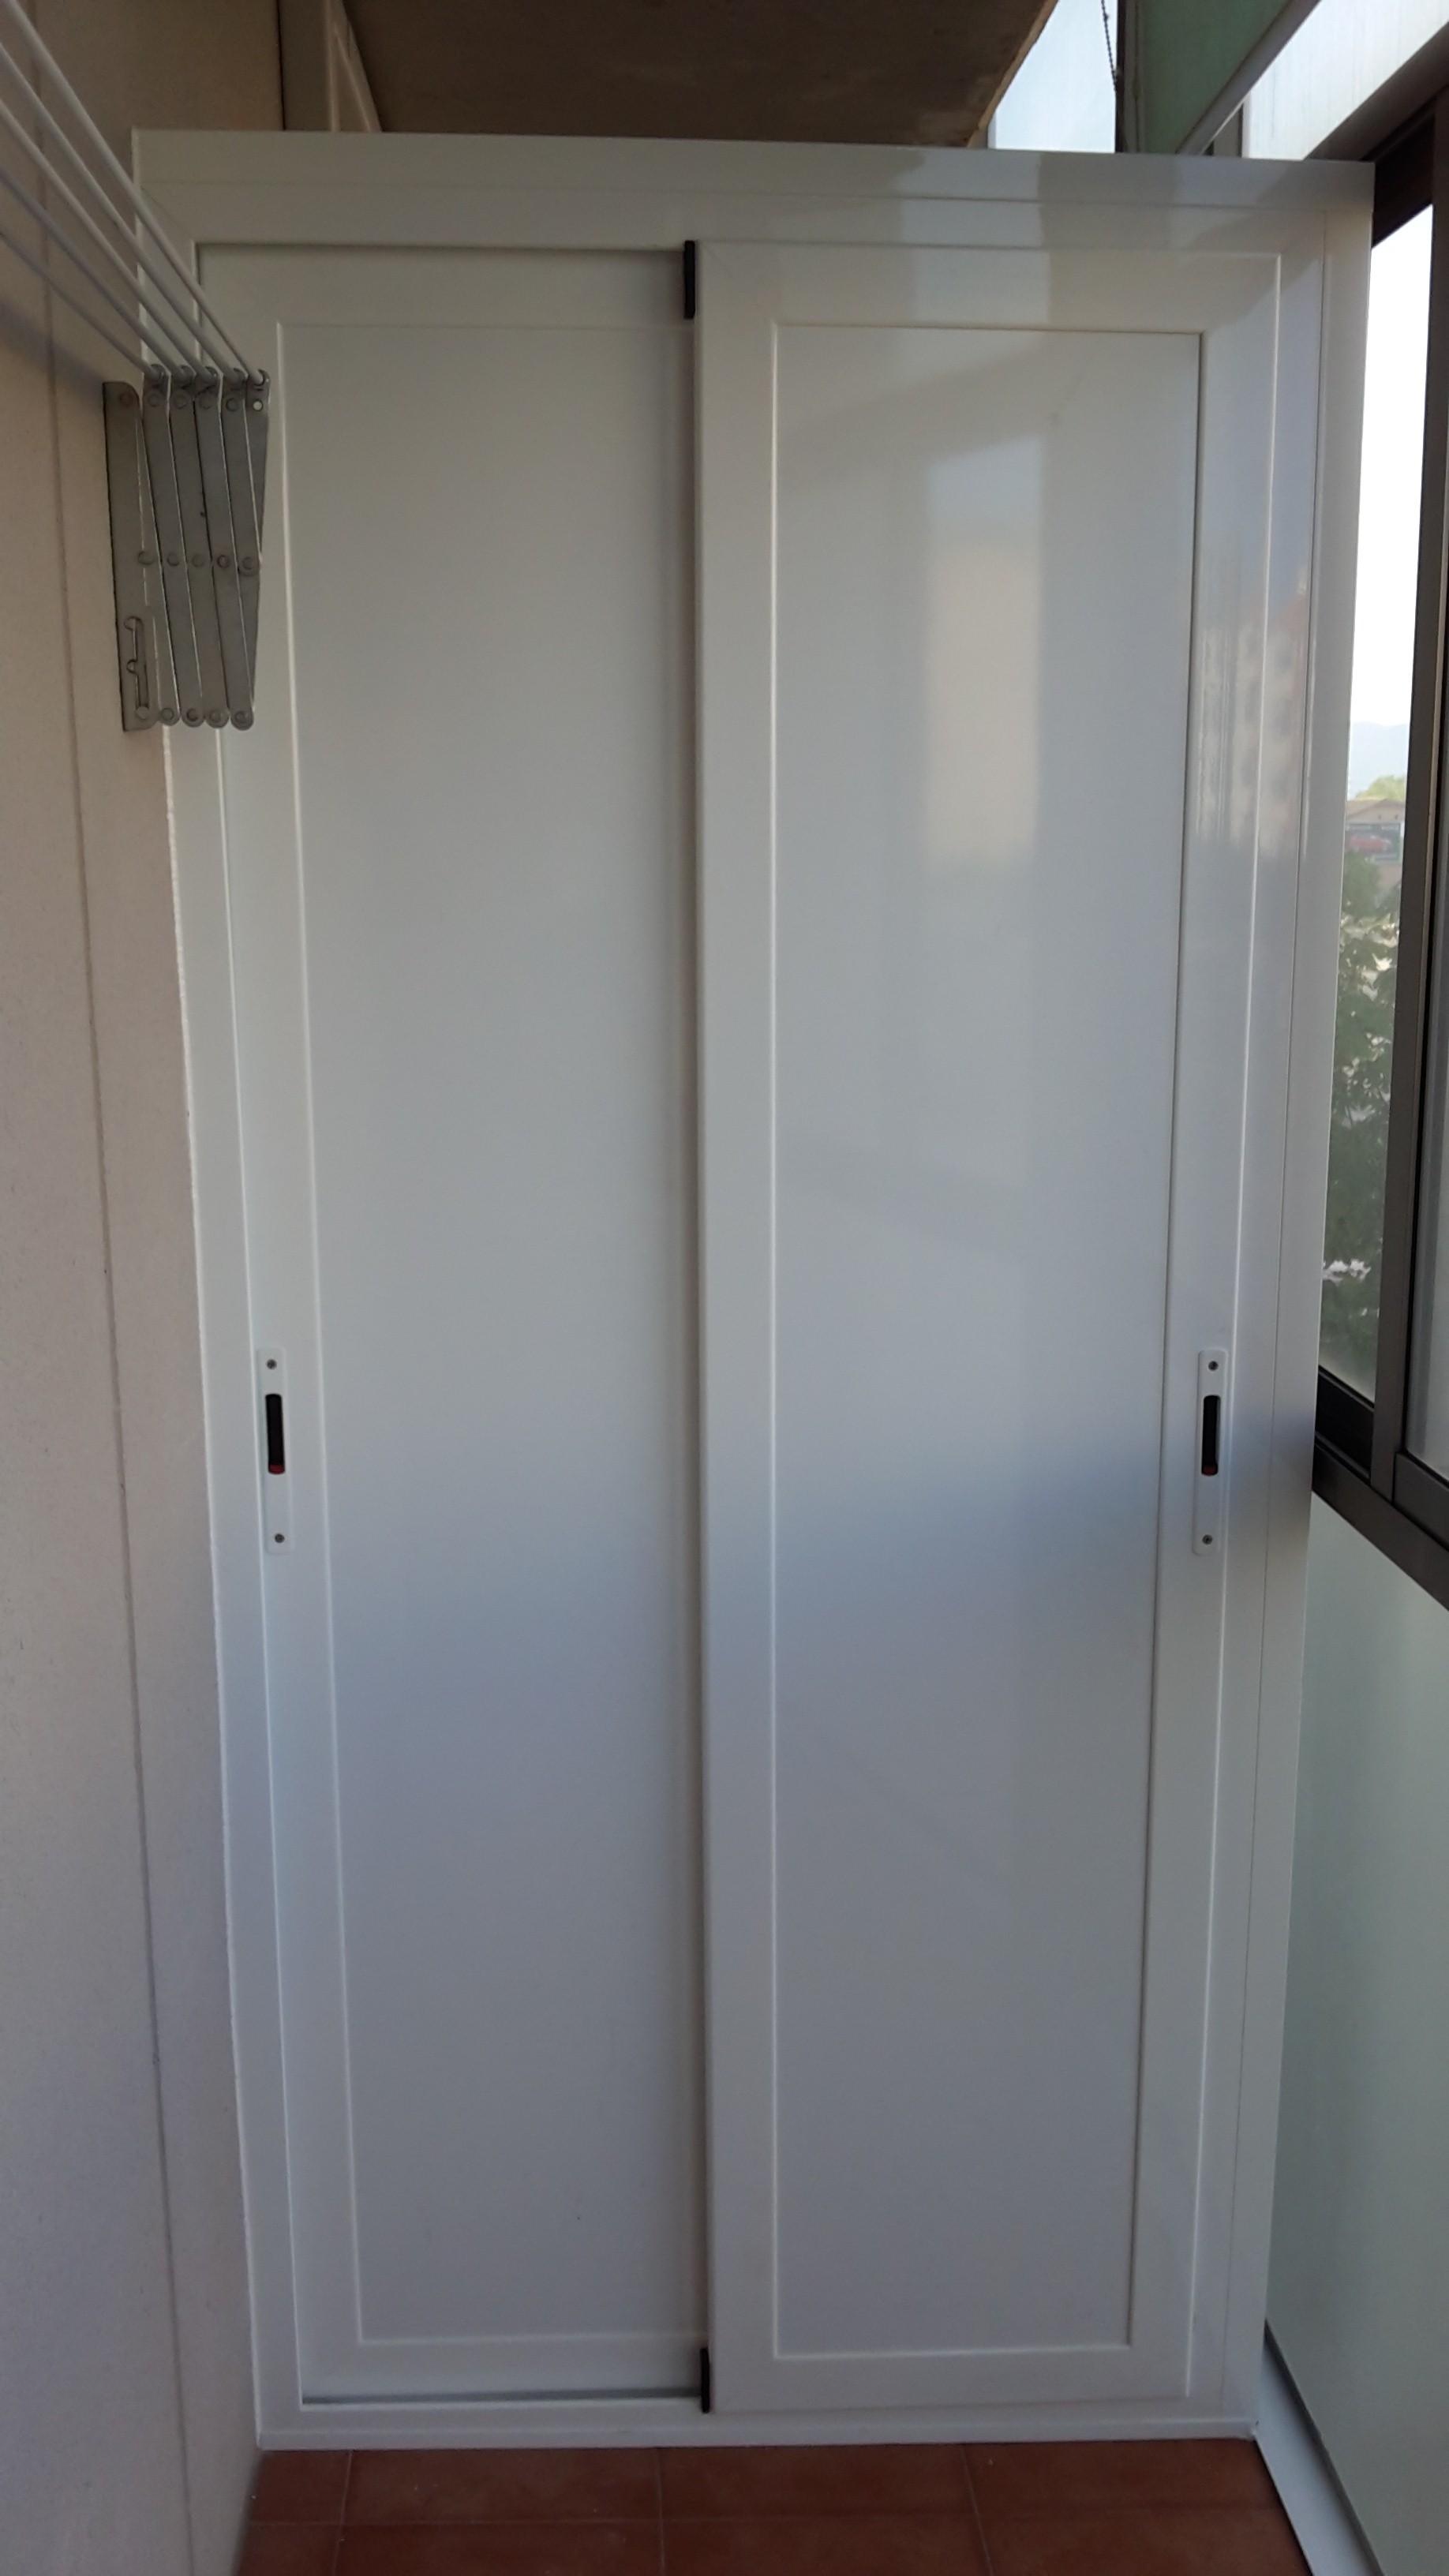 Armario de aluminio montajes de aluminio dg - Puertas de cristal para armarios ...